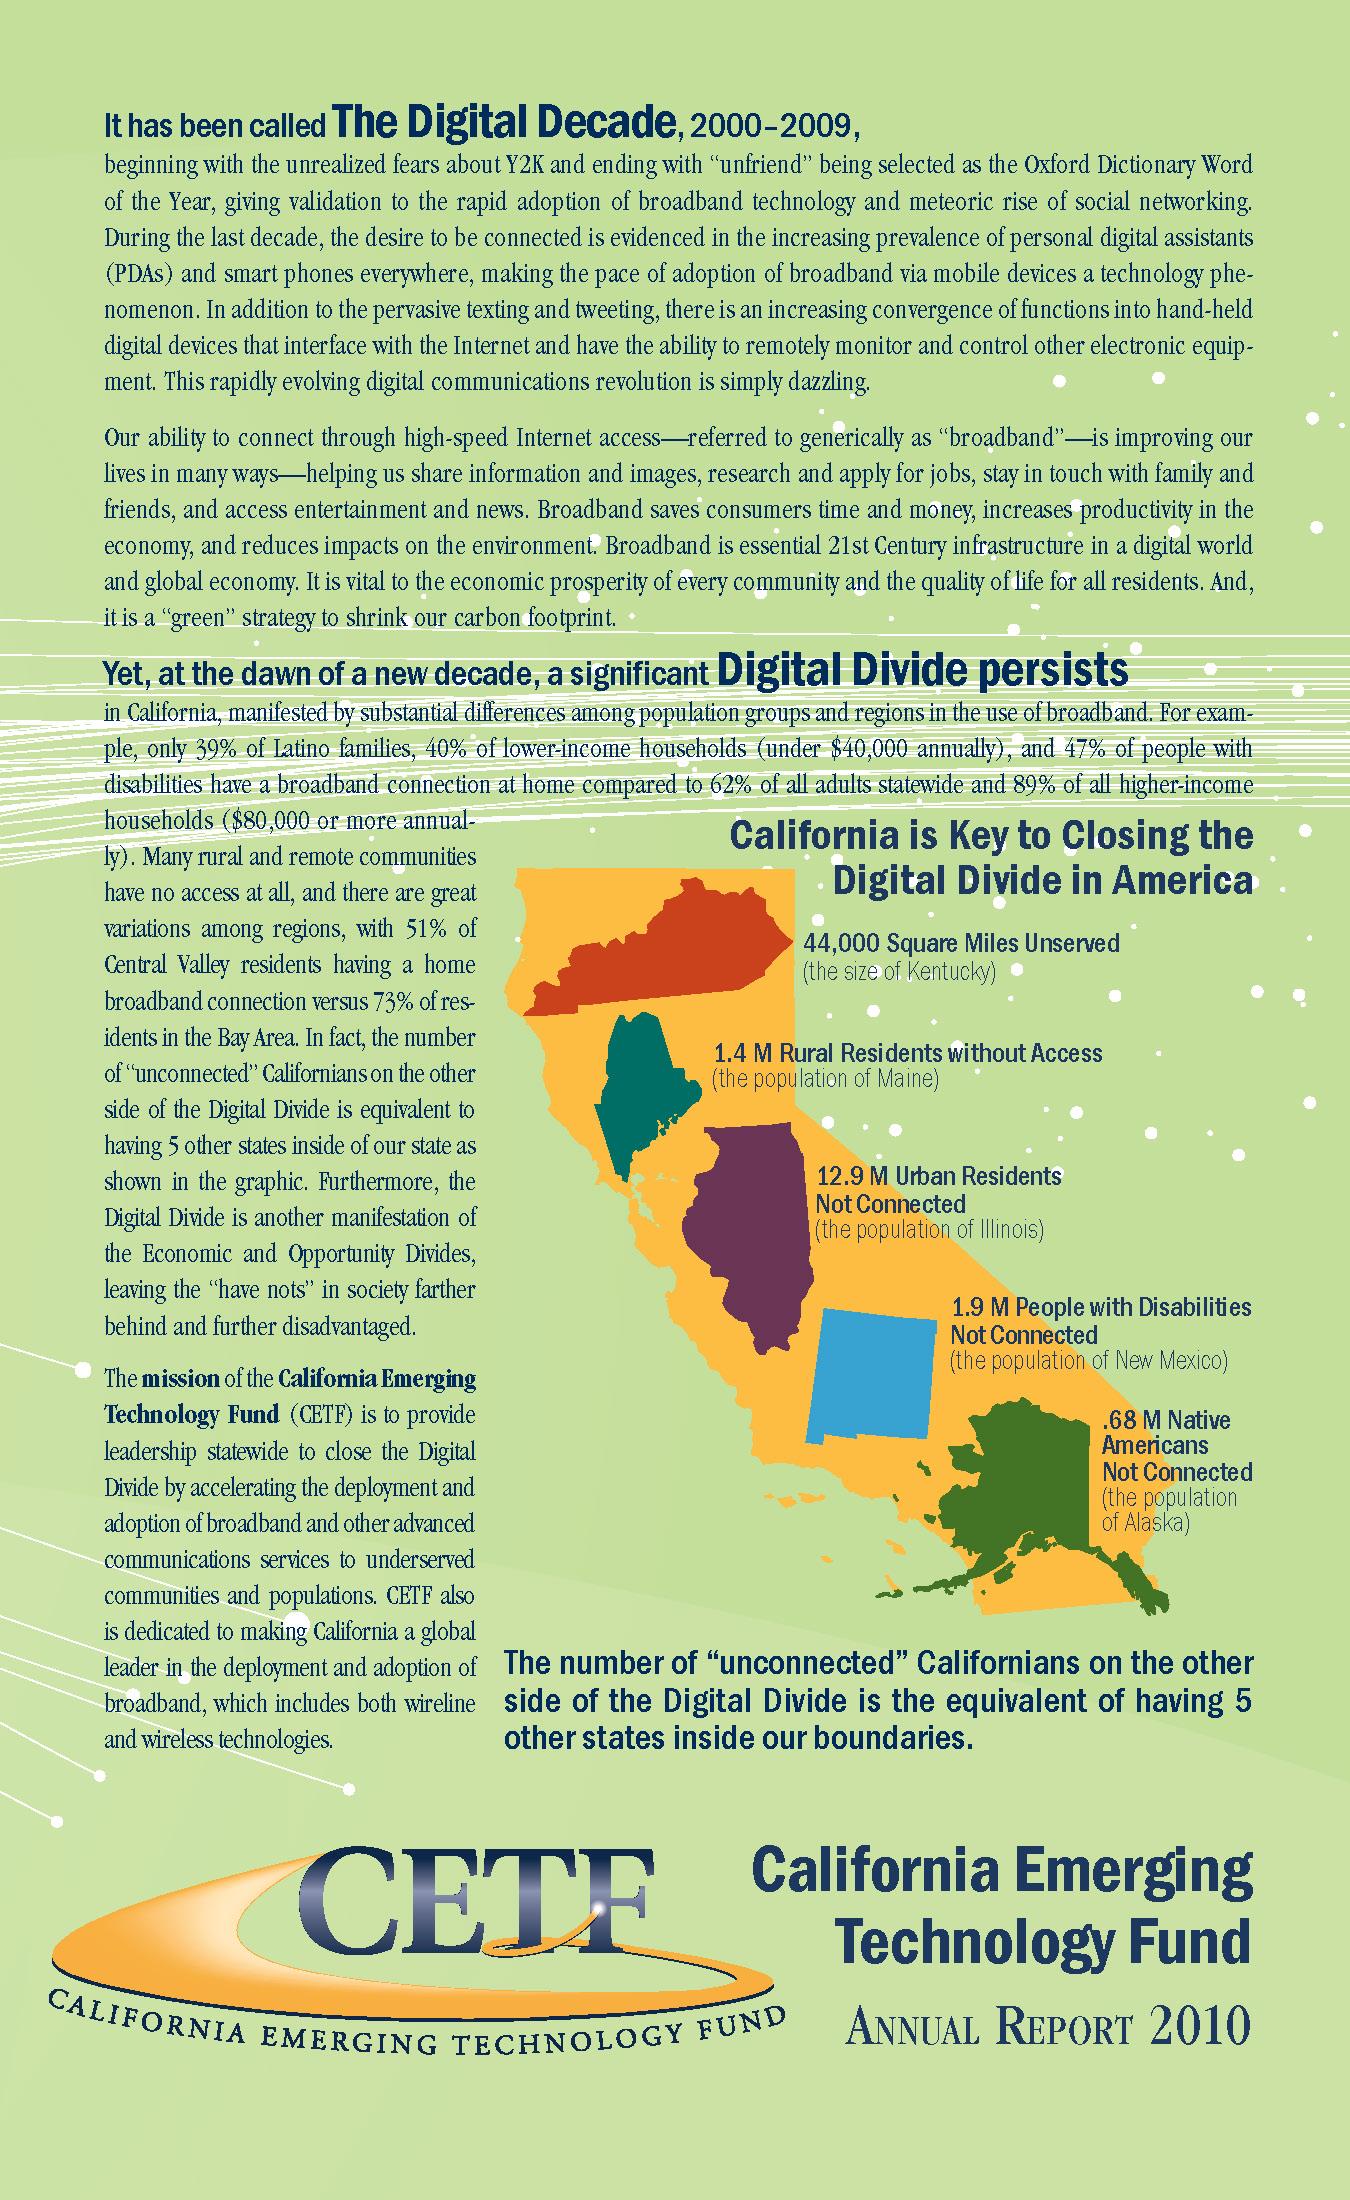 CETF Annual Report 2010